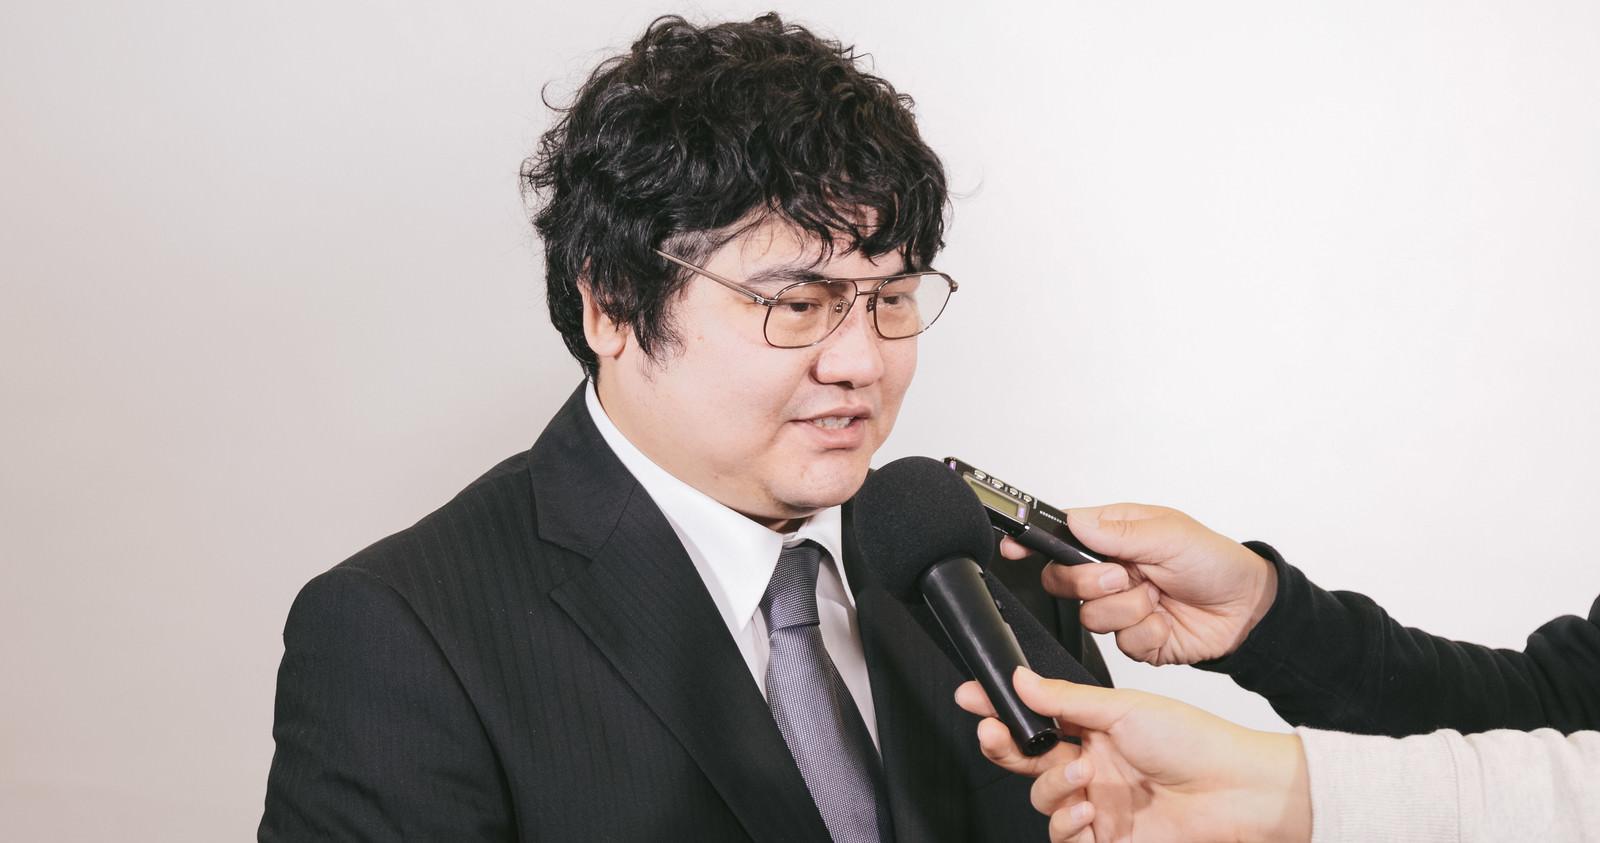 「売却問題で報道陣に取材を受ける男性売却問題で報道陣に取材を受ける男性」[モデル:段田隼人]のフリー写真素材を拡大